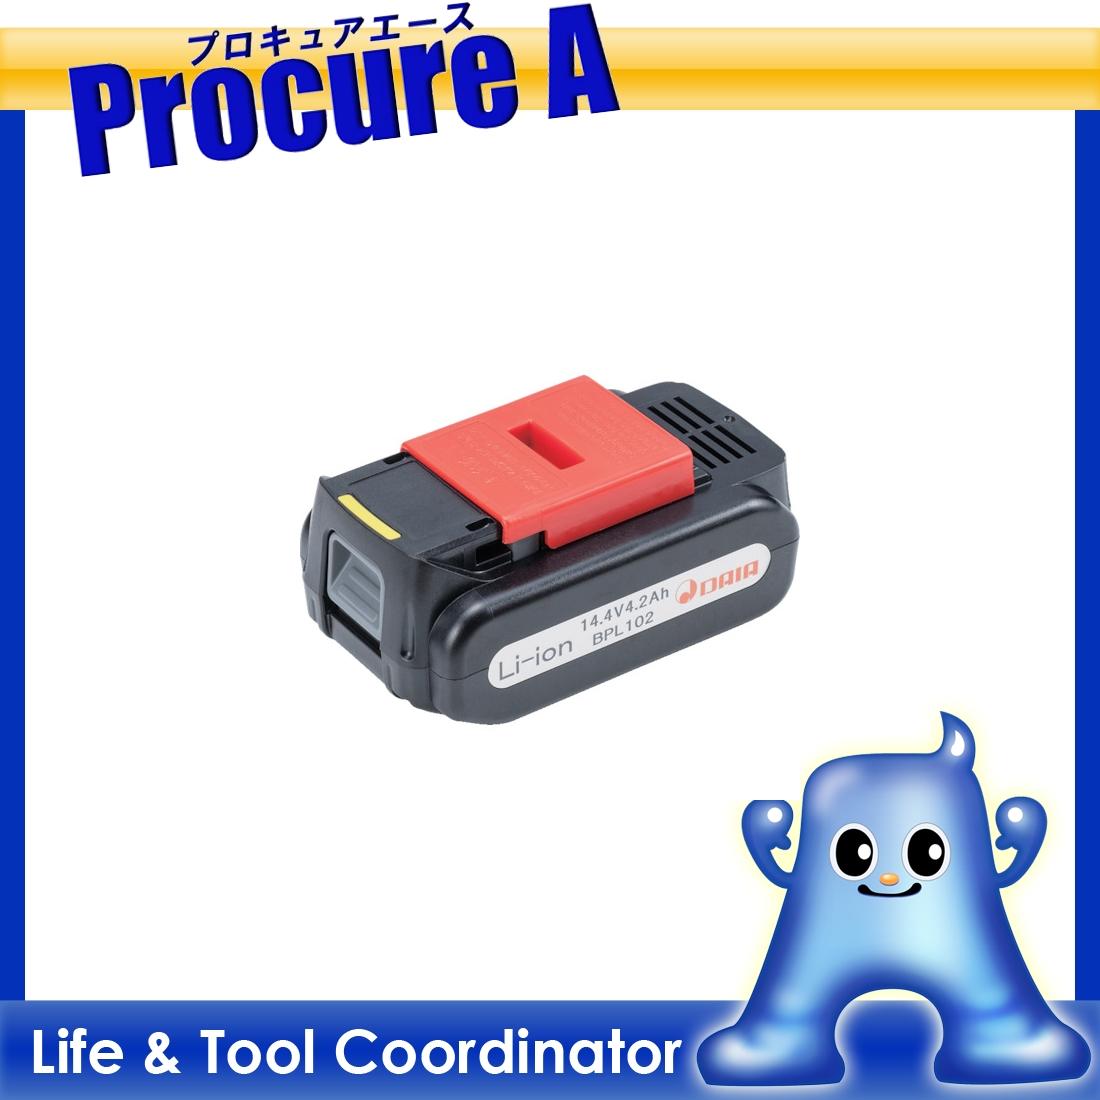 ダイア HPN-250RL 電池パック リチウムイオン電池 KGP015A ▼764-0978 (株)ダイア 【代引決済不可】